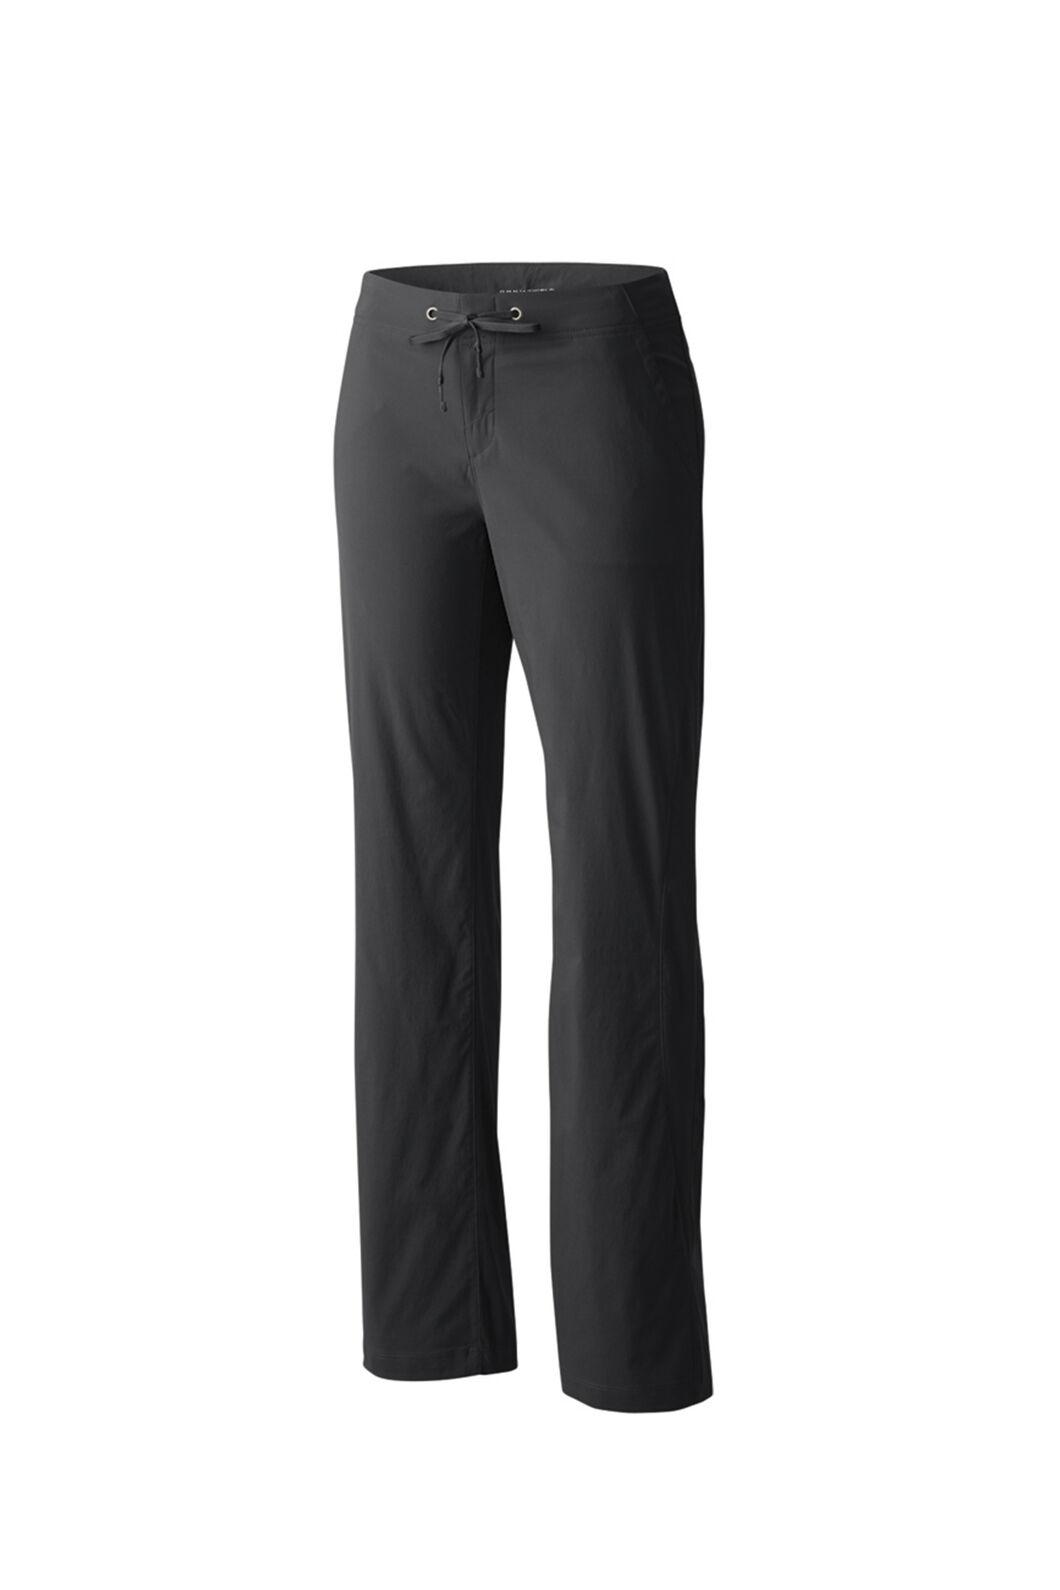 Columbia Women's Anytime Slim Pant, Black, hi-res